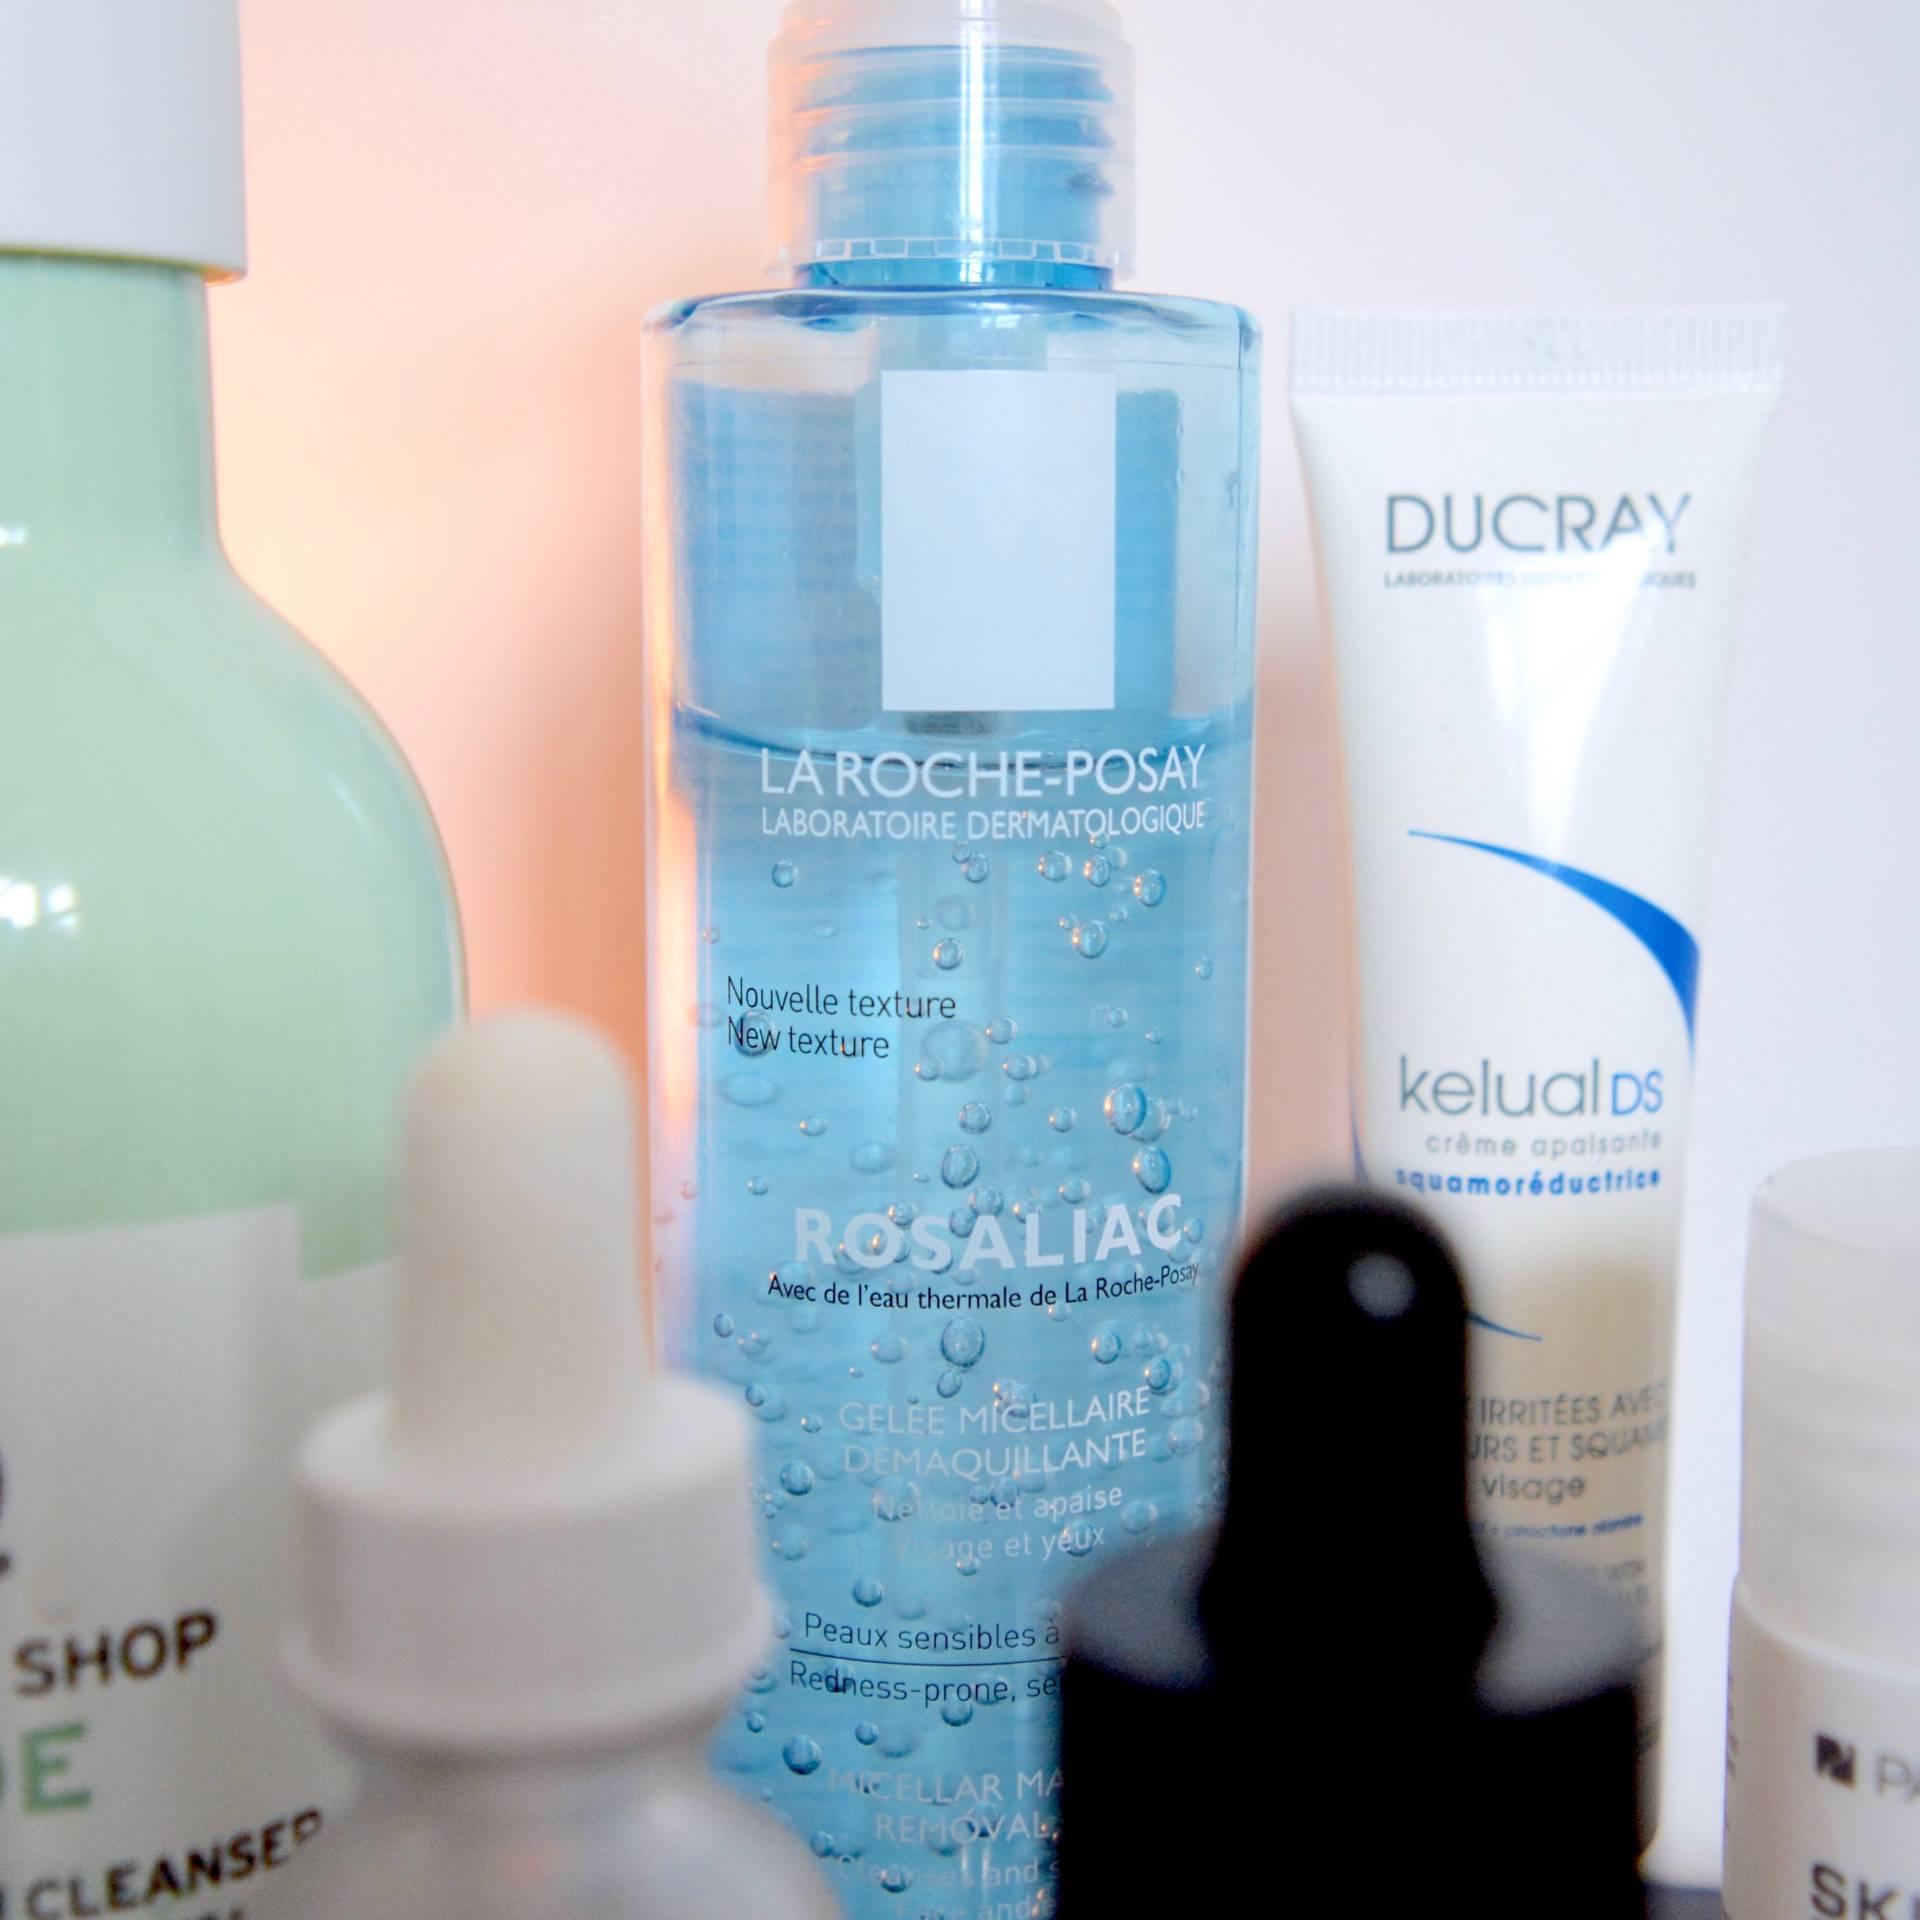 Skincare for rosacea and sensitive skin - La Roche Posay Rosaliac Micellar Make Up Remover